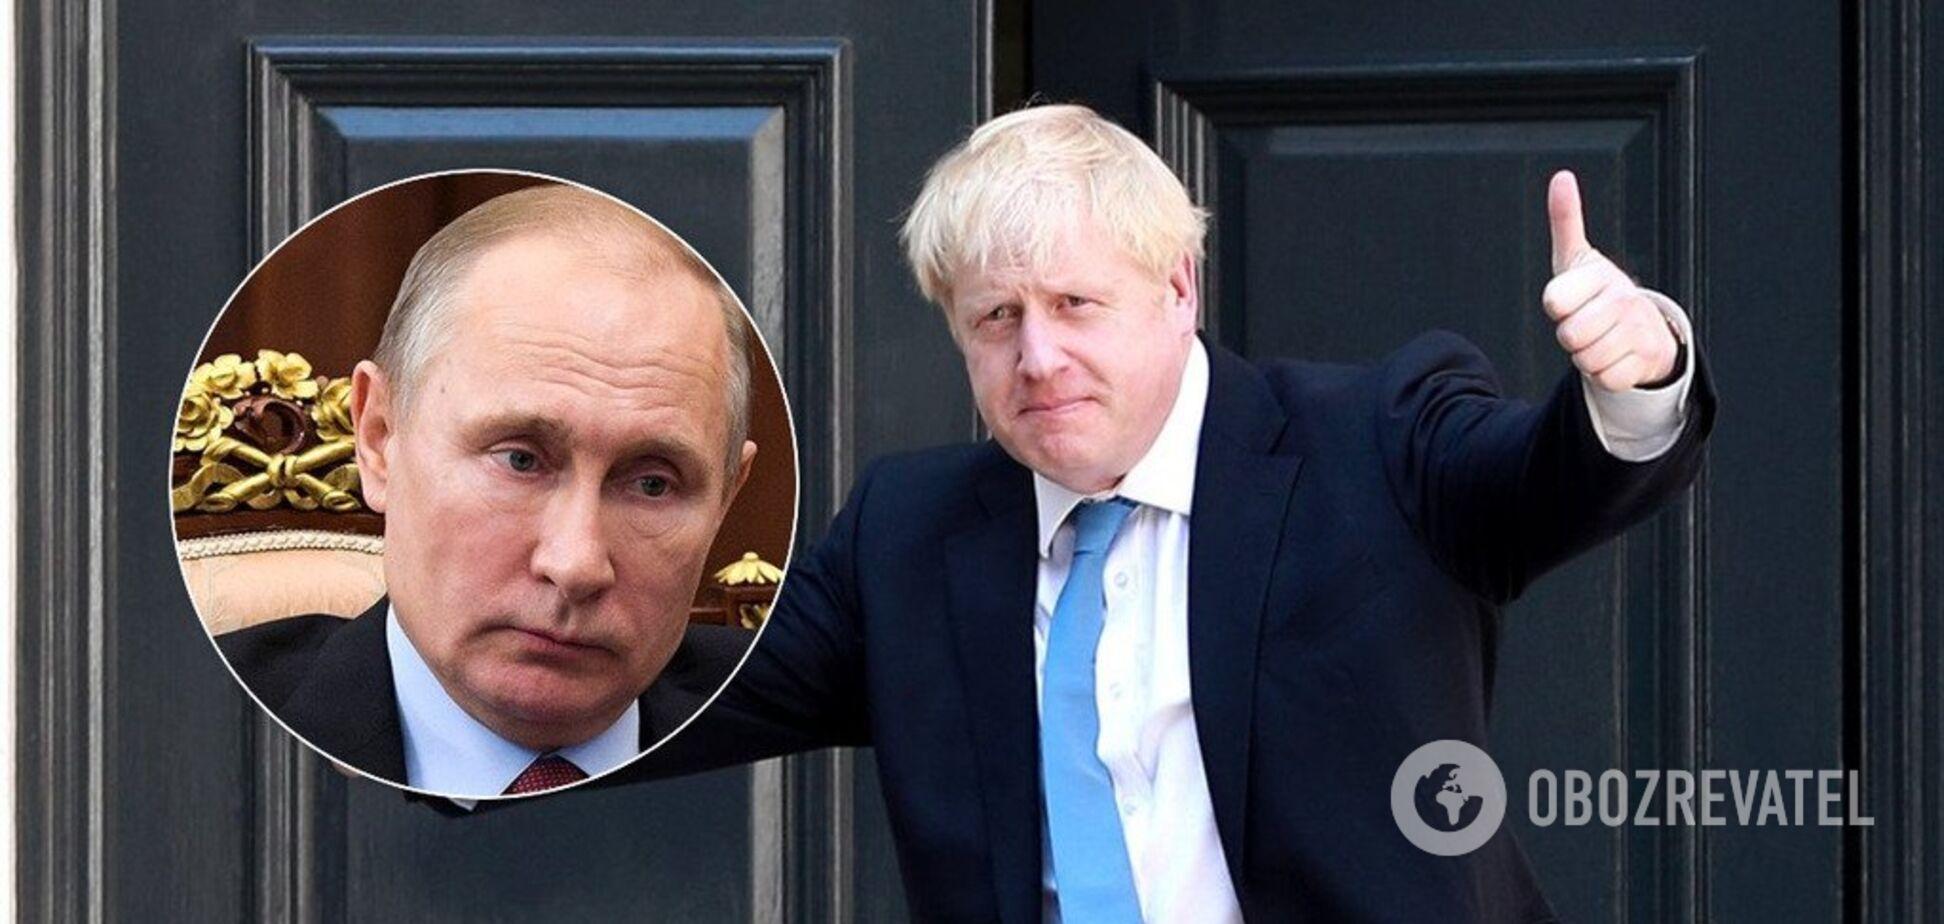 В предстоящих выборах в Британии нашли 'российский след': в чем суть